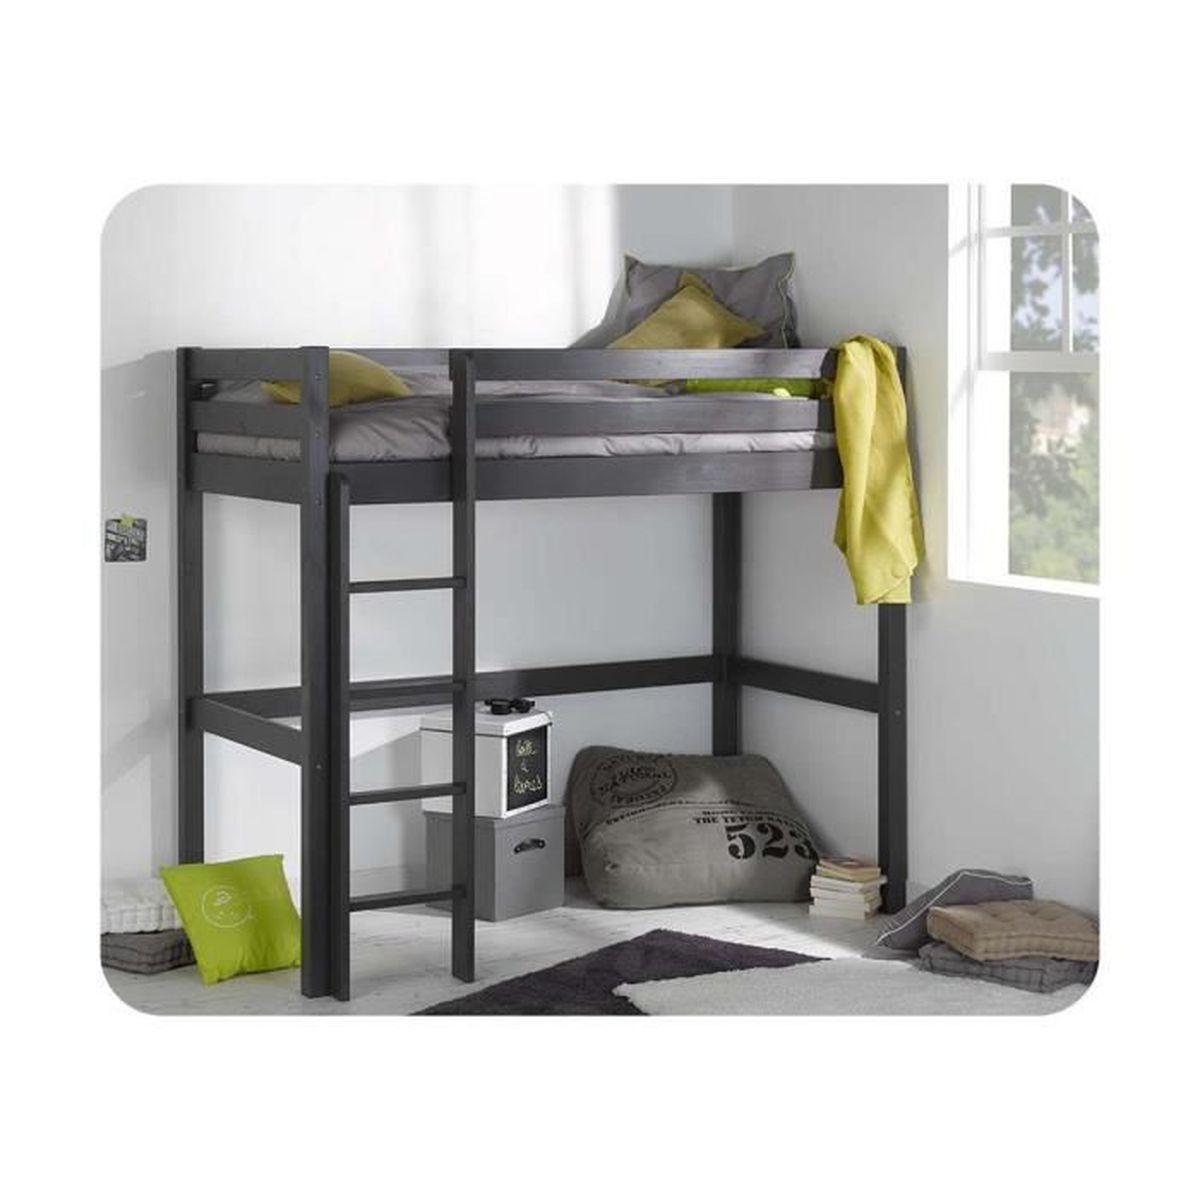 Lit enfant mezzanine cargo 90x190 cm achat vente lit mezzanine lit enfant - C discount lit enfant ...